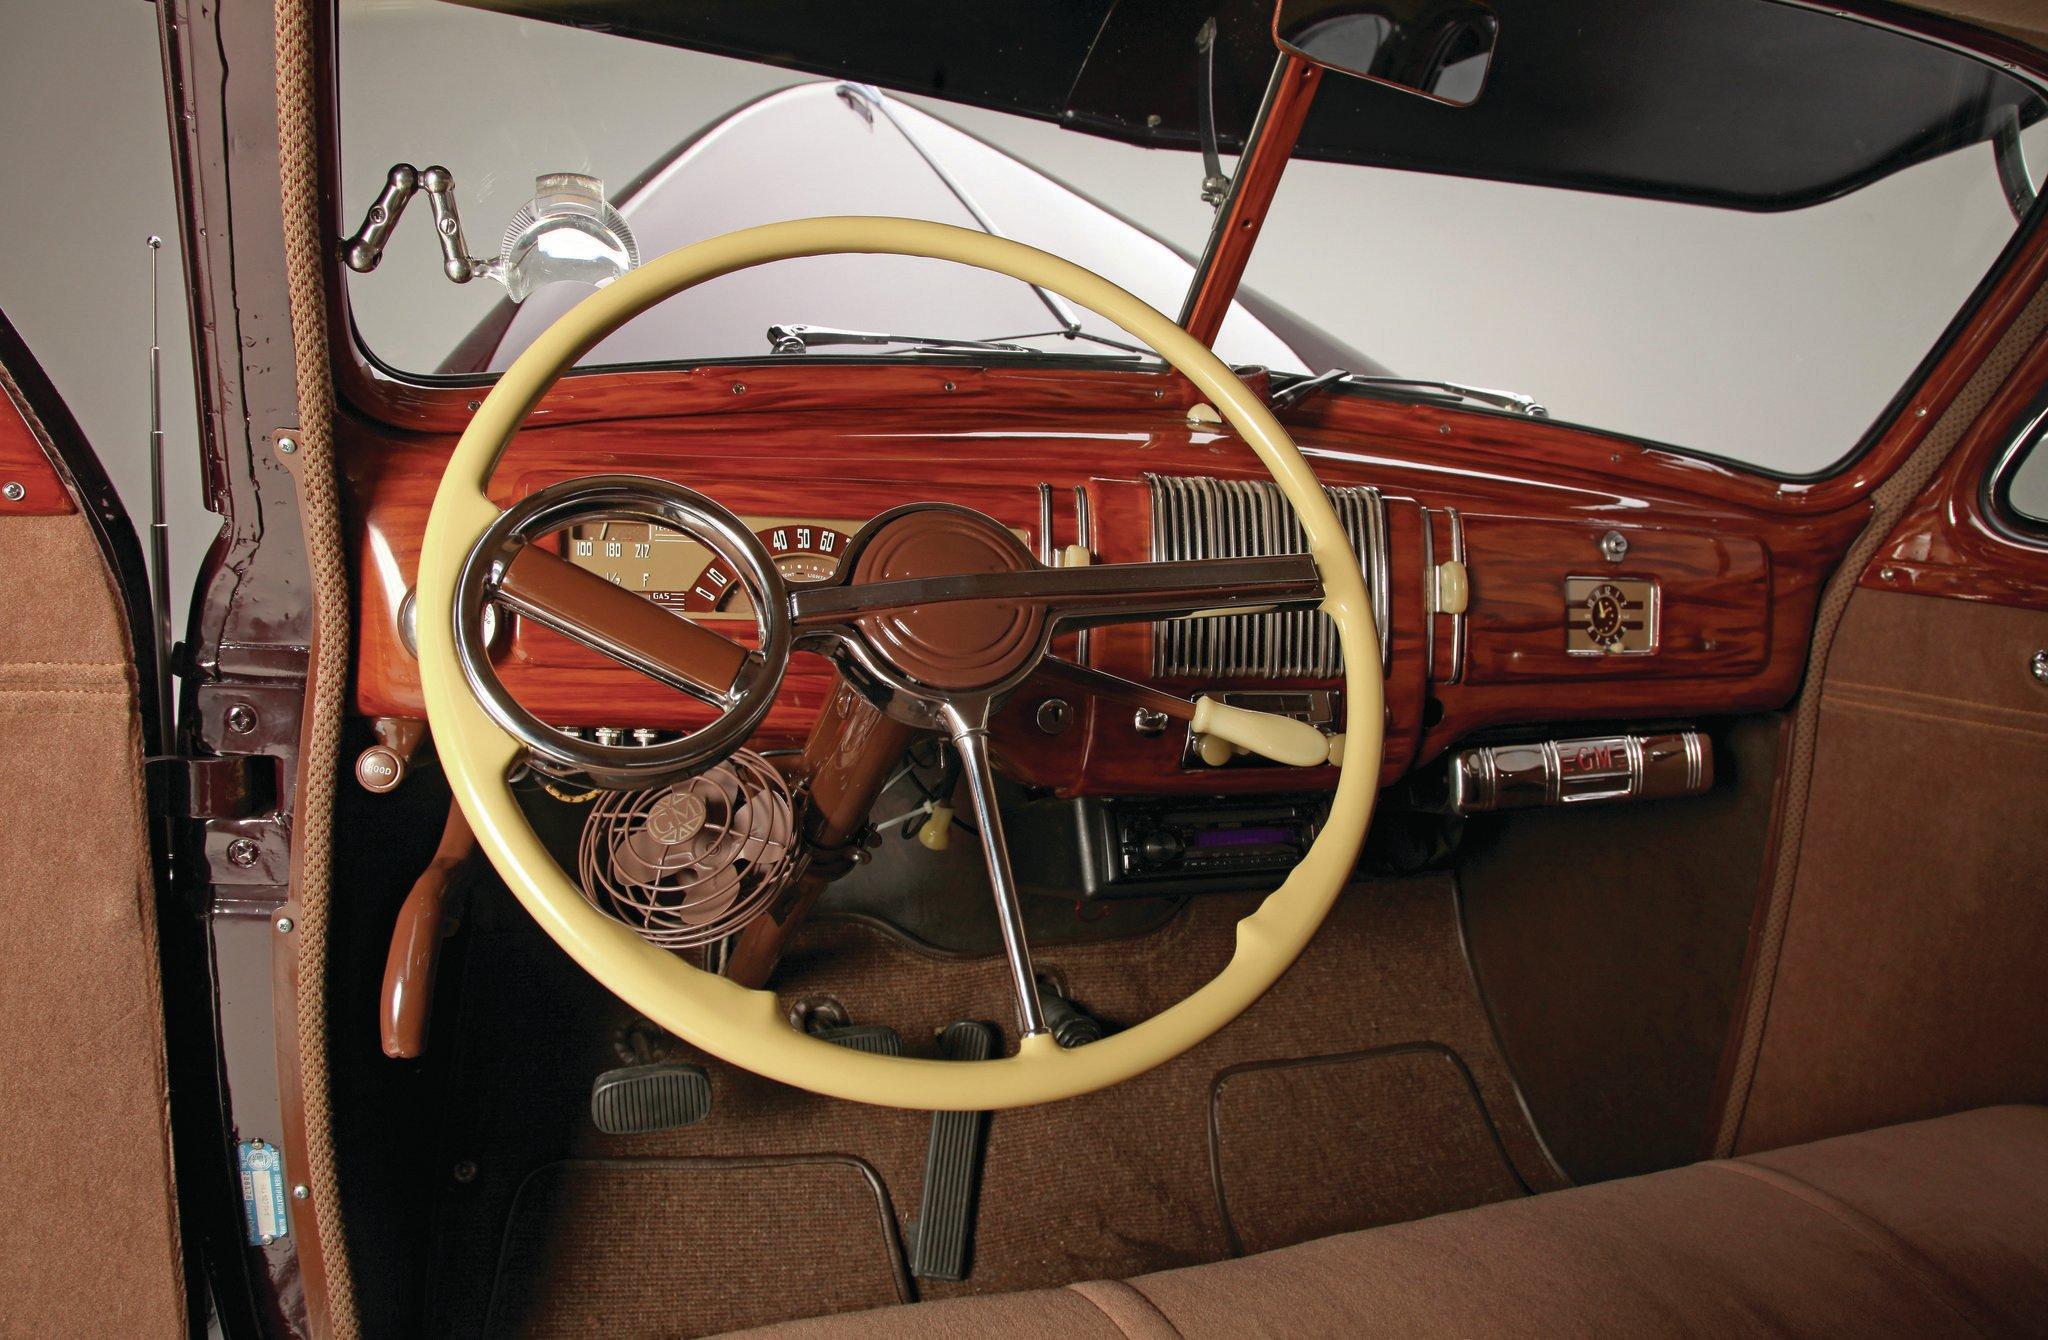 1940 Chevrolet Special Deluxe - El Bandolero